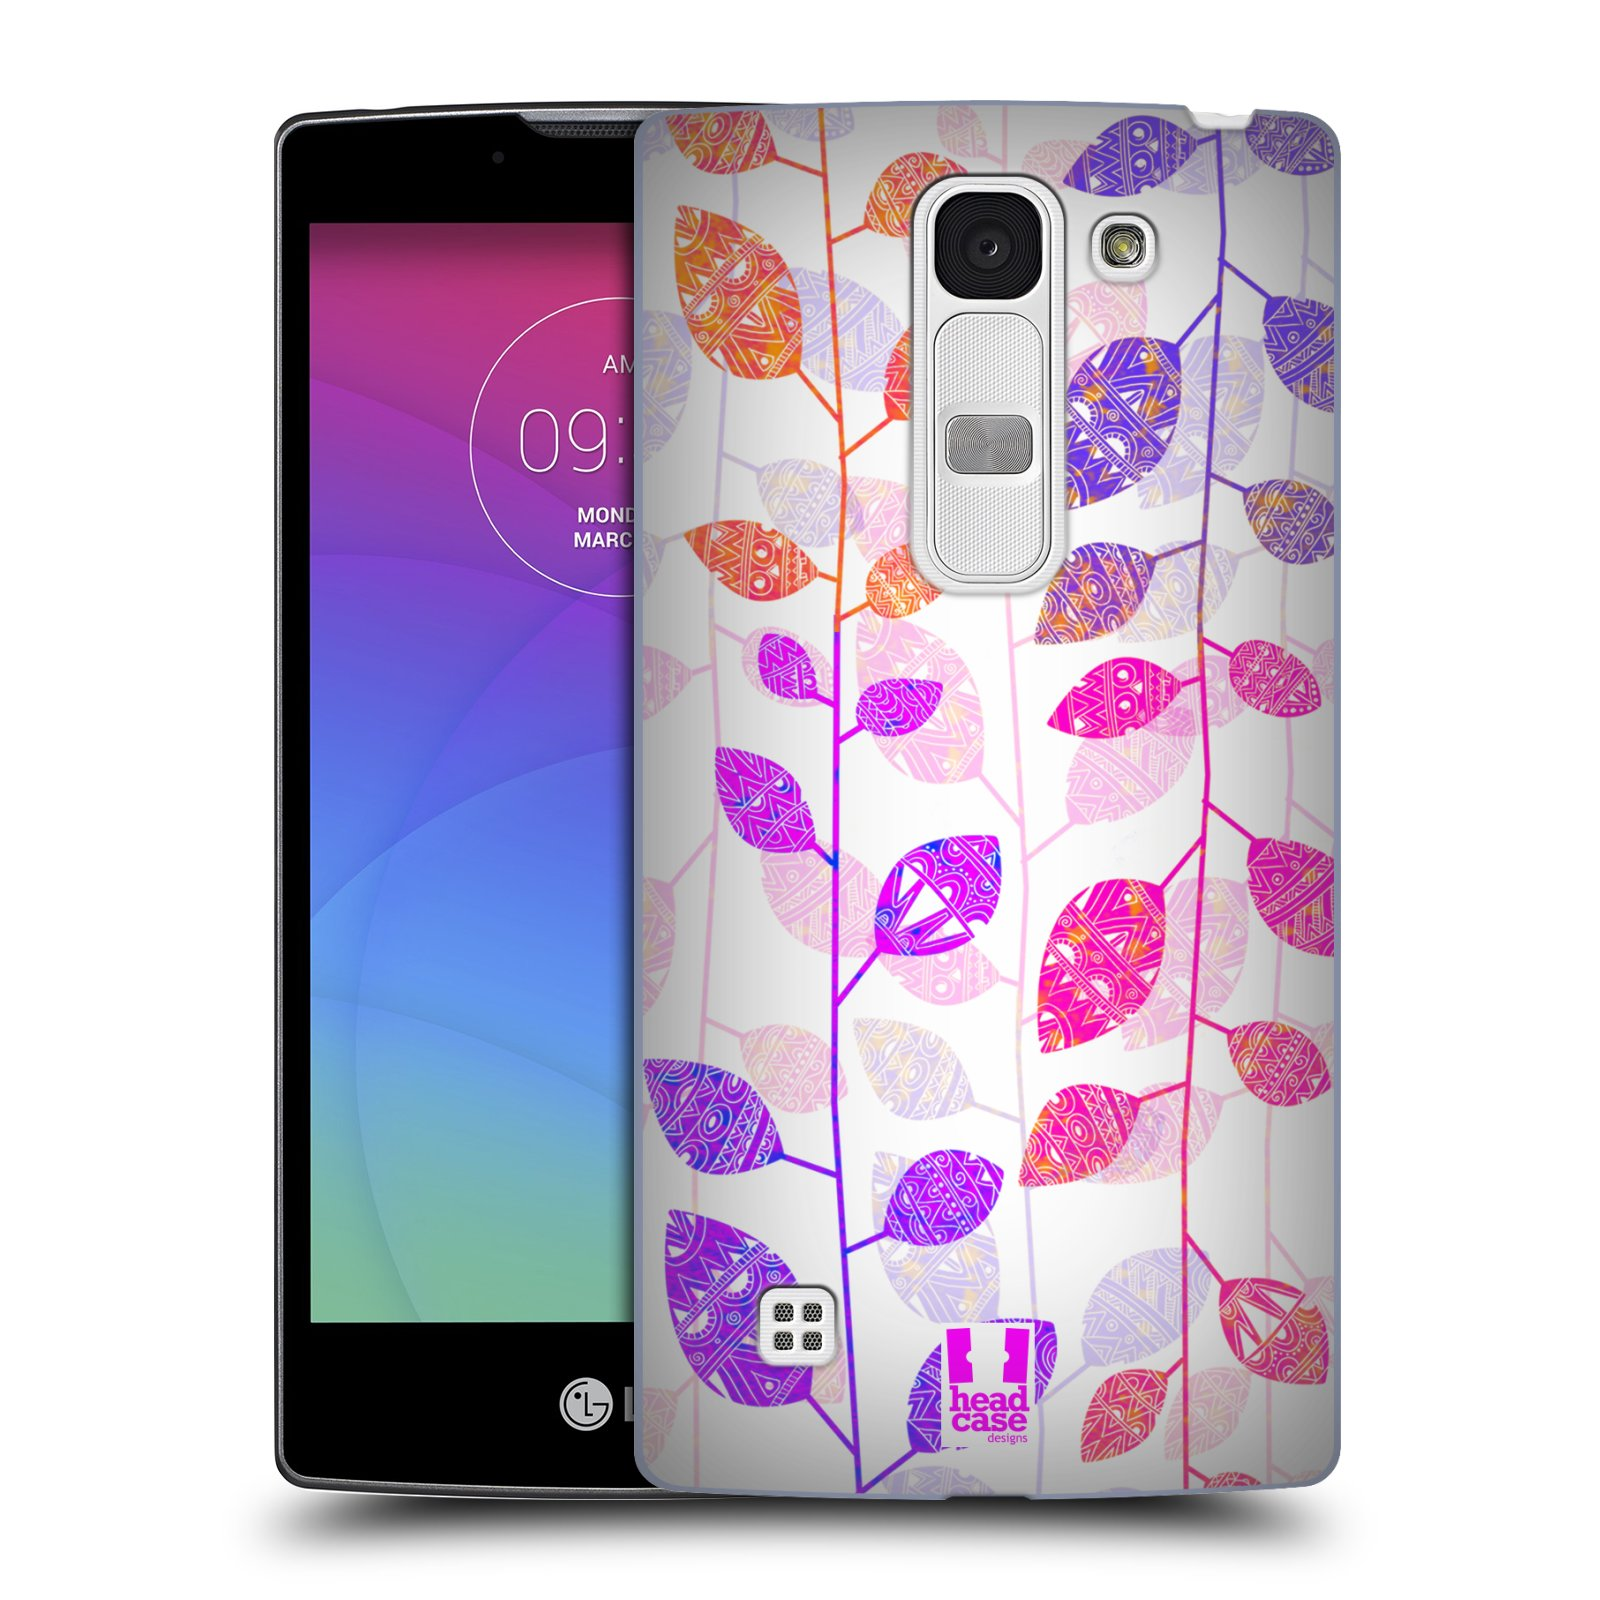 Plastové pouzdro na mobil LG Spirit LTE HEAD CASE AZTEC LÍSTKY (Kryt či obal na mobilní telefon LG Spirit H420 a LG Spirit LTE H440N)